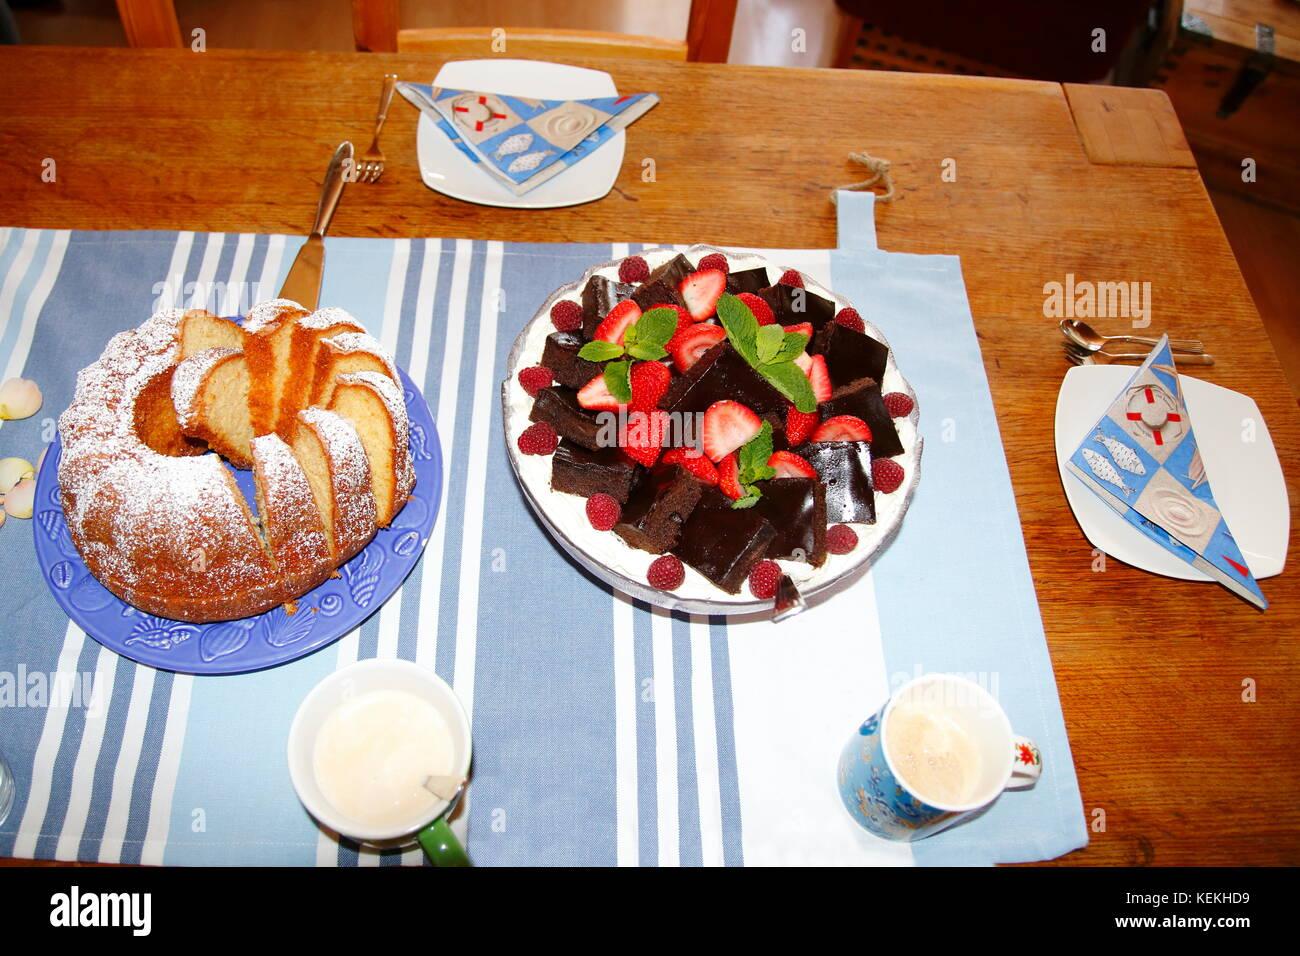 Essen fest stock photos essen fest stock images alamy for Tisch essen